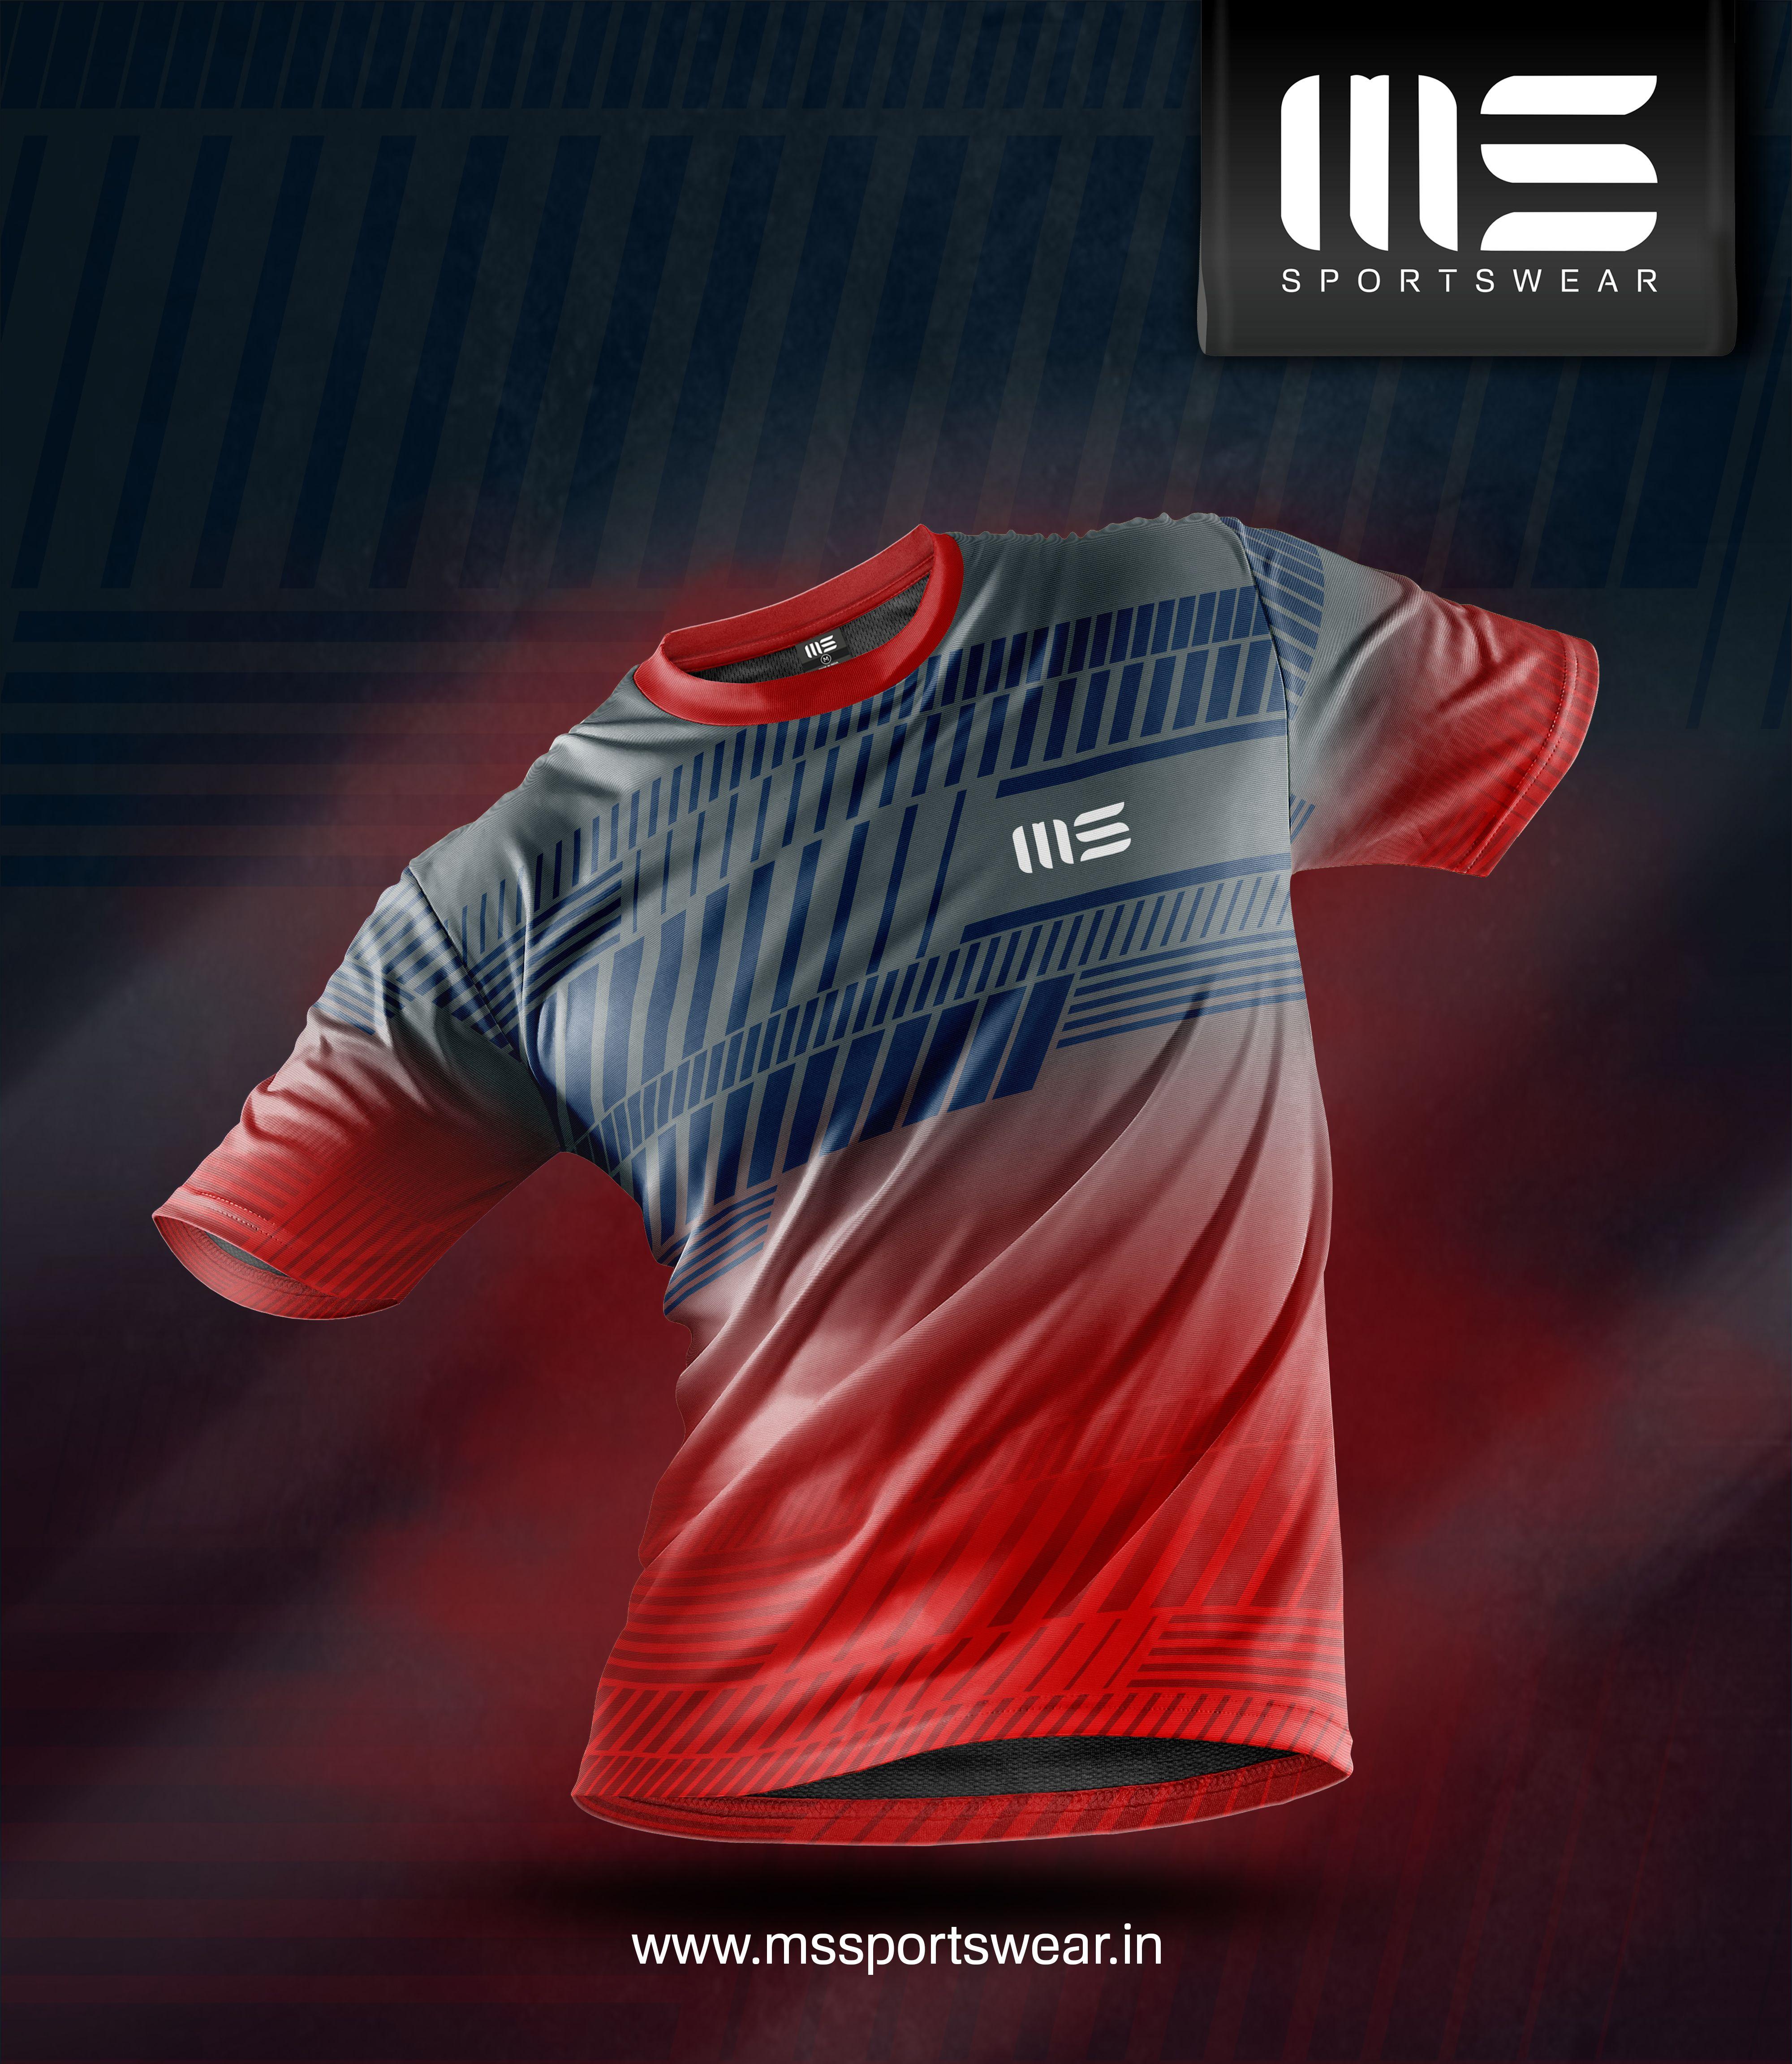 Ms Sportswear In 2020 Sport Shirt Design Sports Tshirt Designs Sports Shirts